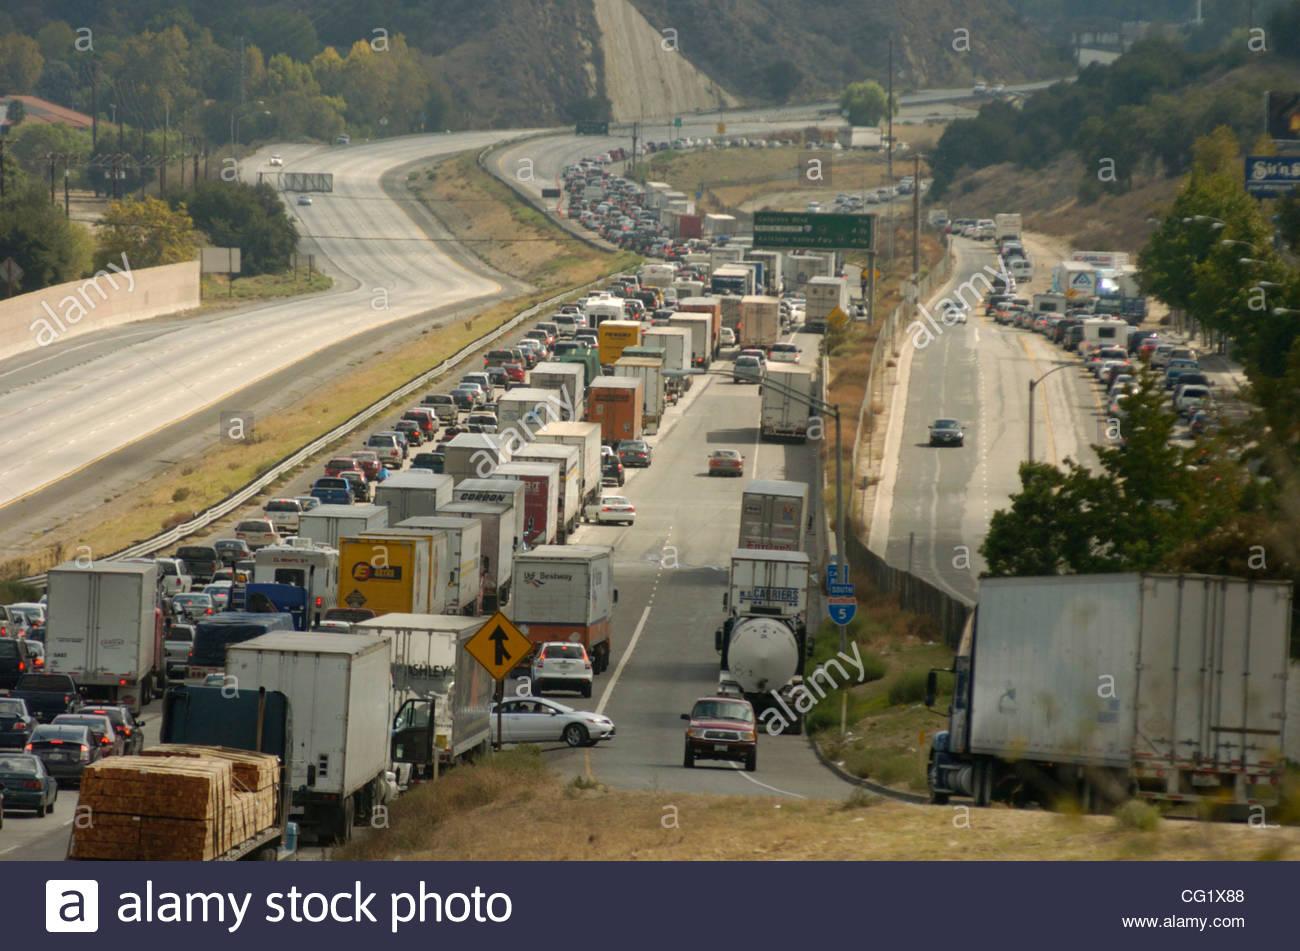 Traffic Is Diverted Off The 5 Freeway South At Calgrove In Santa Clarita Sa Ay Afternoon October 13 2007 After A Crash Involving Several Big Rigs